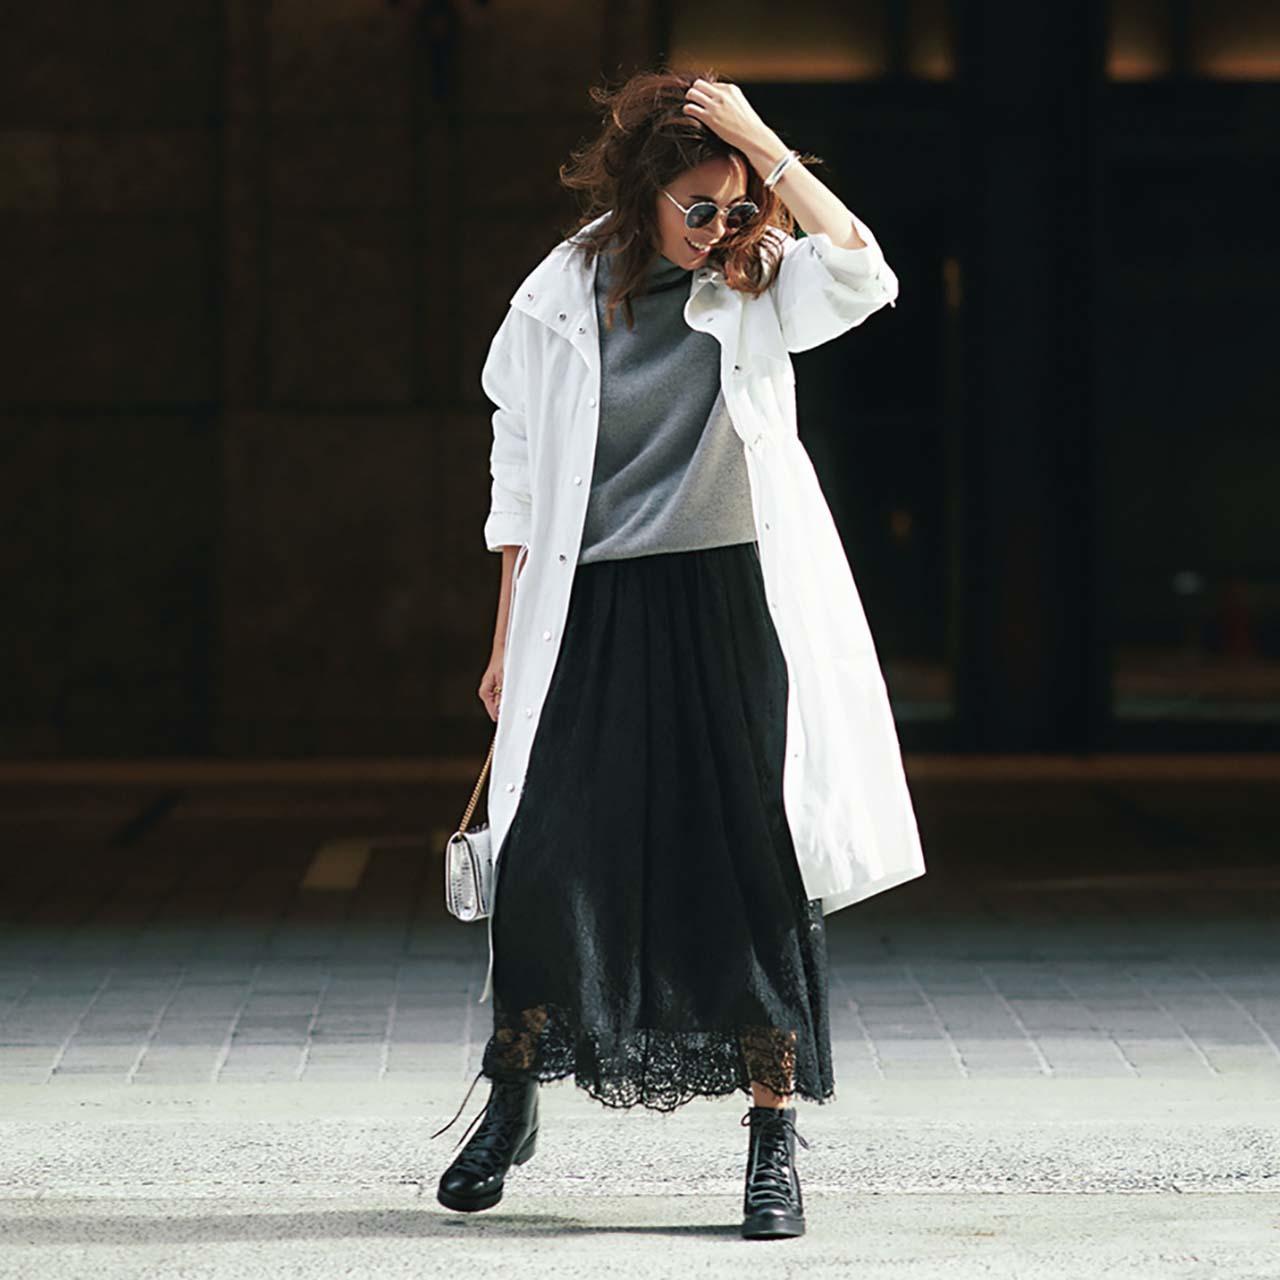 白のアスレジャーコート×ニット×レーススカートコーデを着たモデルのSHIHOさん